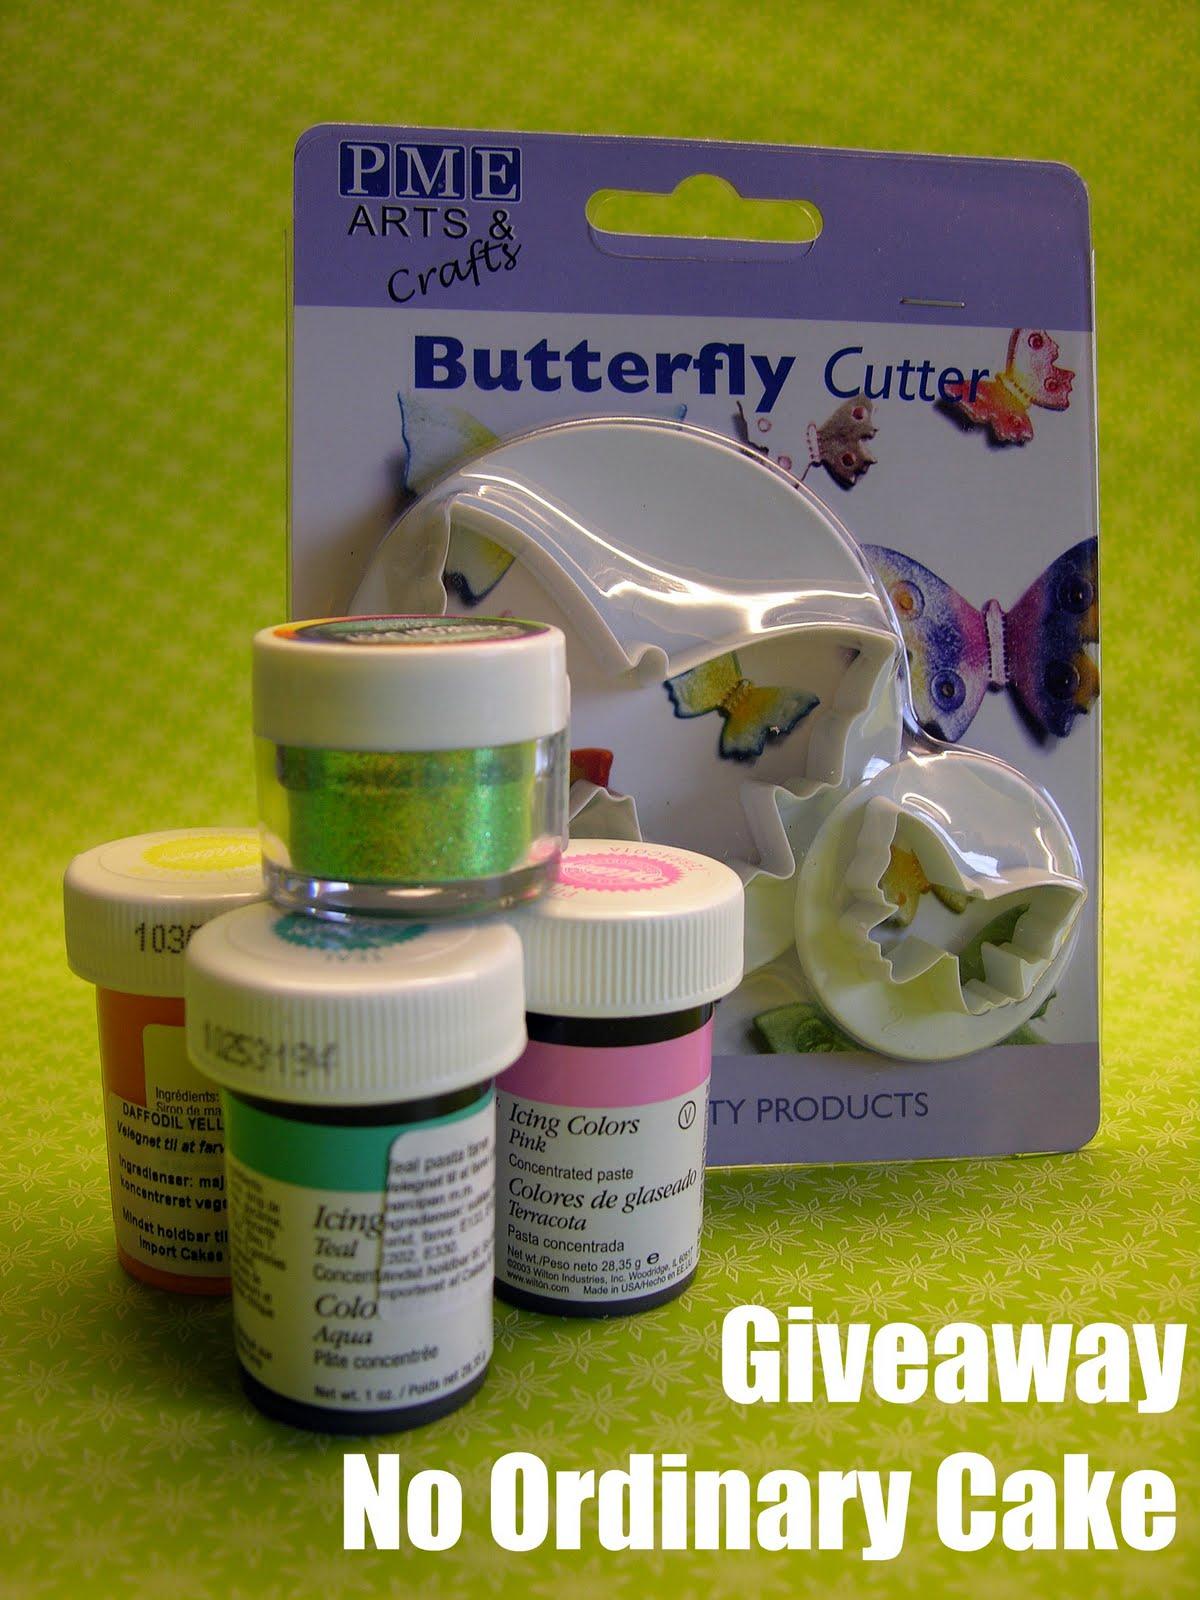 http://2.bp.blogspot.com/-lDrEGRdKabU/TgMrgGha6YI/AAAAAAAAAU4/2jWVgf_4hkw/s1600/Giveaway2.jpg